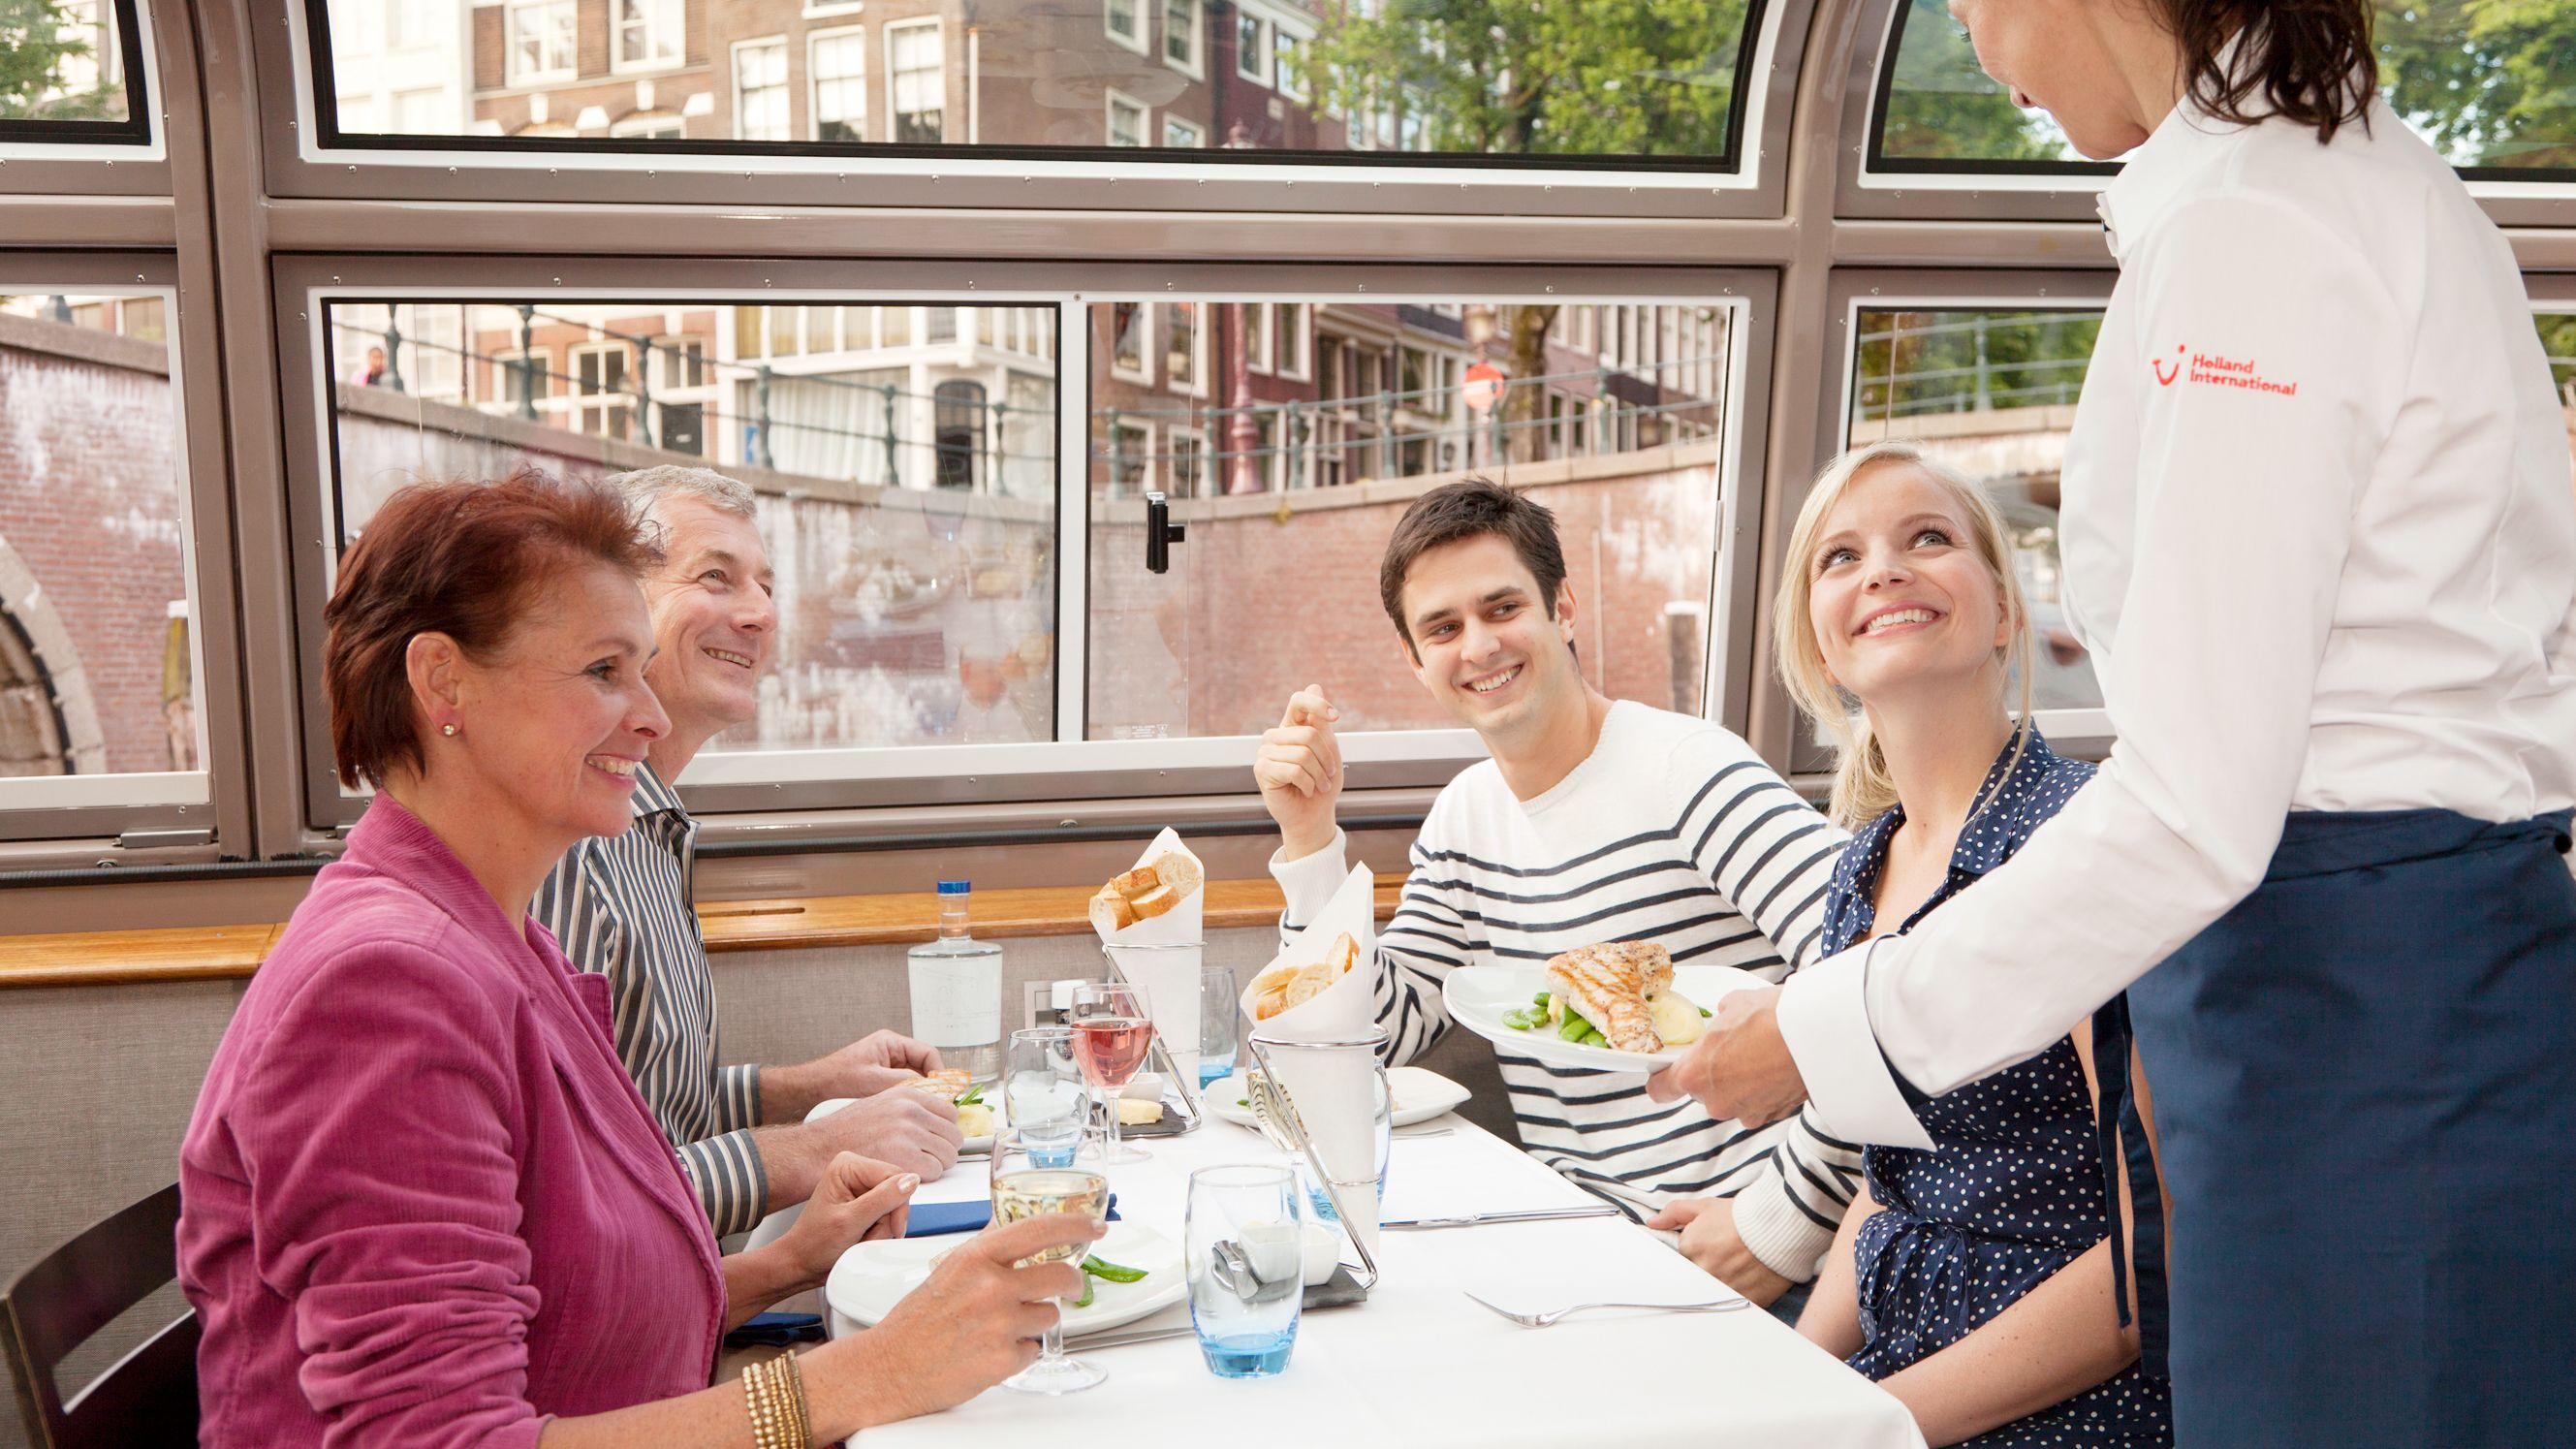 Croisière sur les canaux, dîner gastronomique de 4 plats et boissons